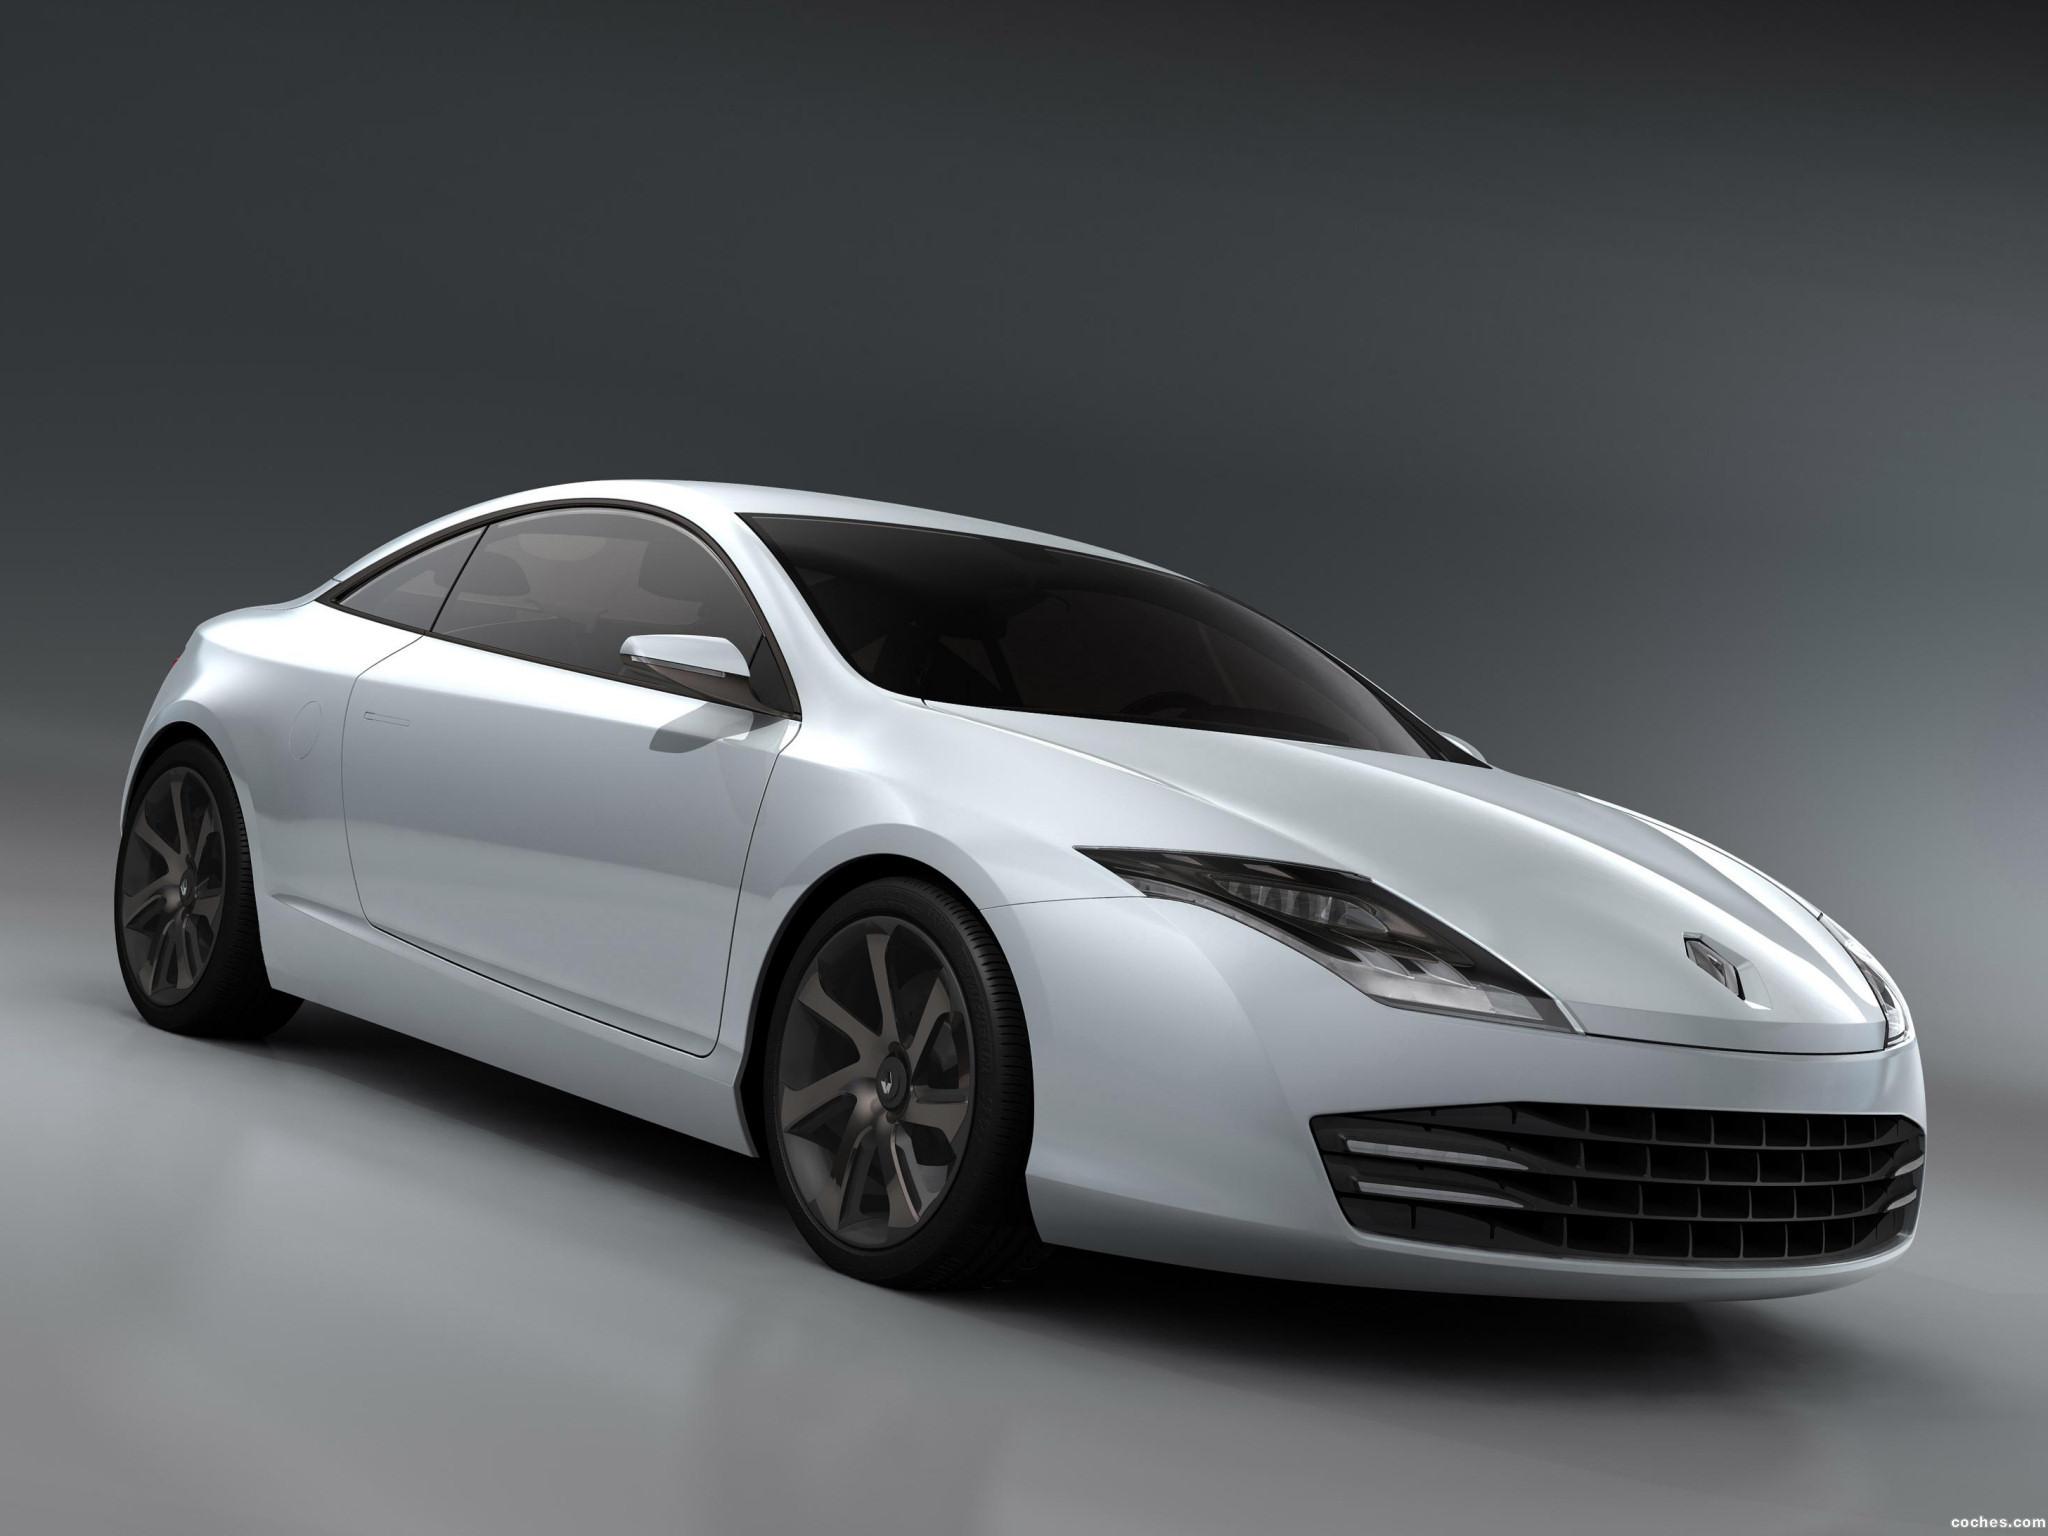 Foto 0 de Renault Laguna Coupe Concept 2007